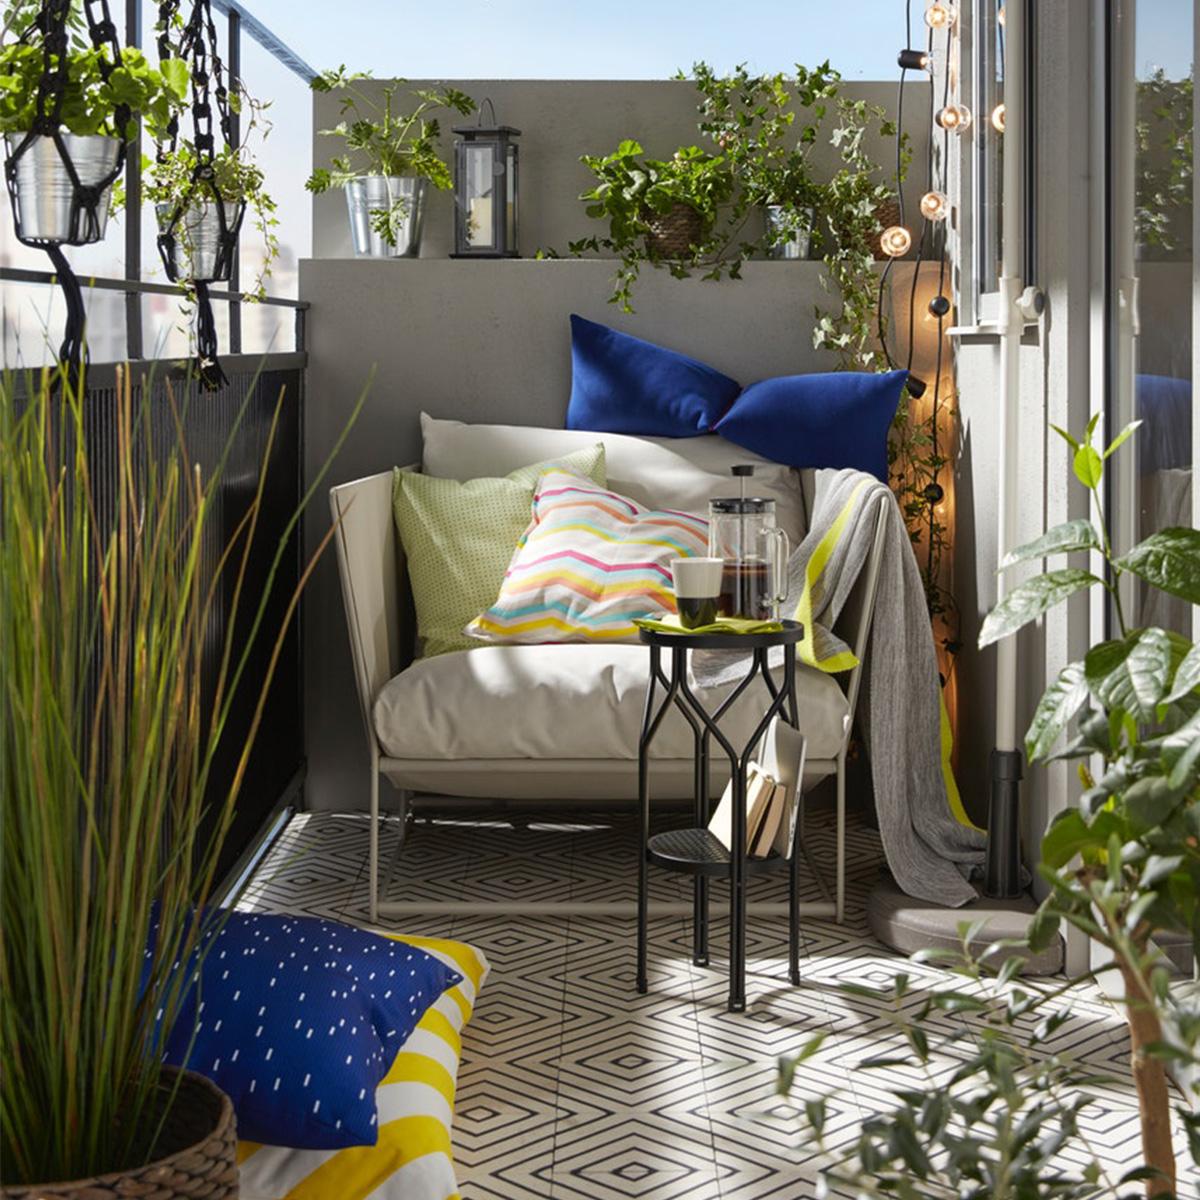 Petit Salon De Jardin Pour Balcon Luxe Idées Pour L ... serapportantà Petit Salon De Jardin Pour Balcon